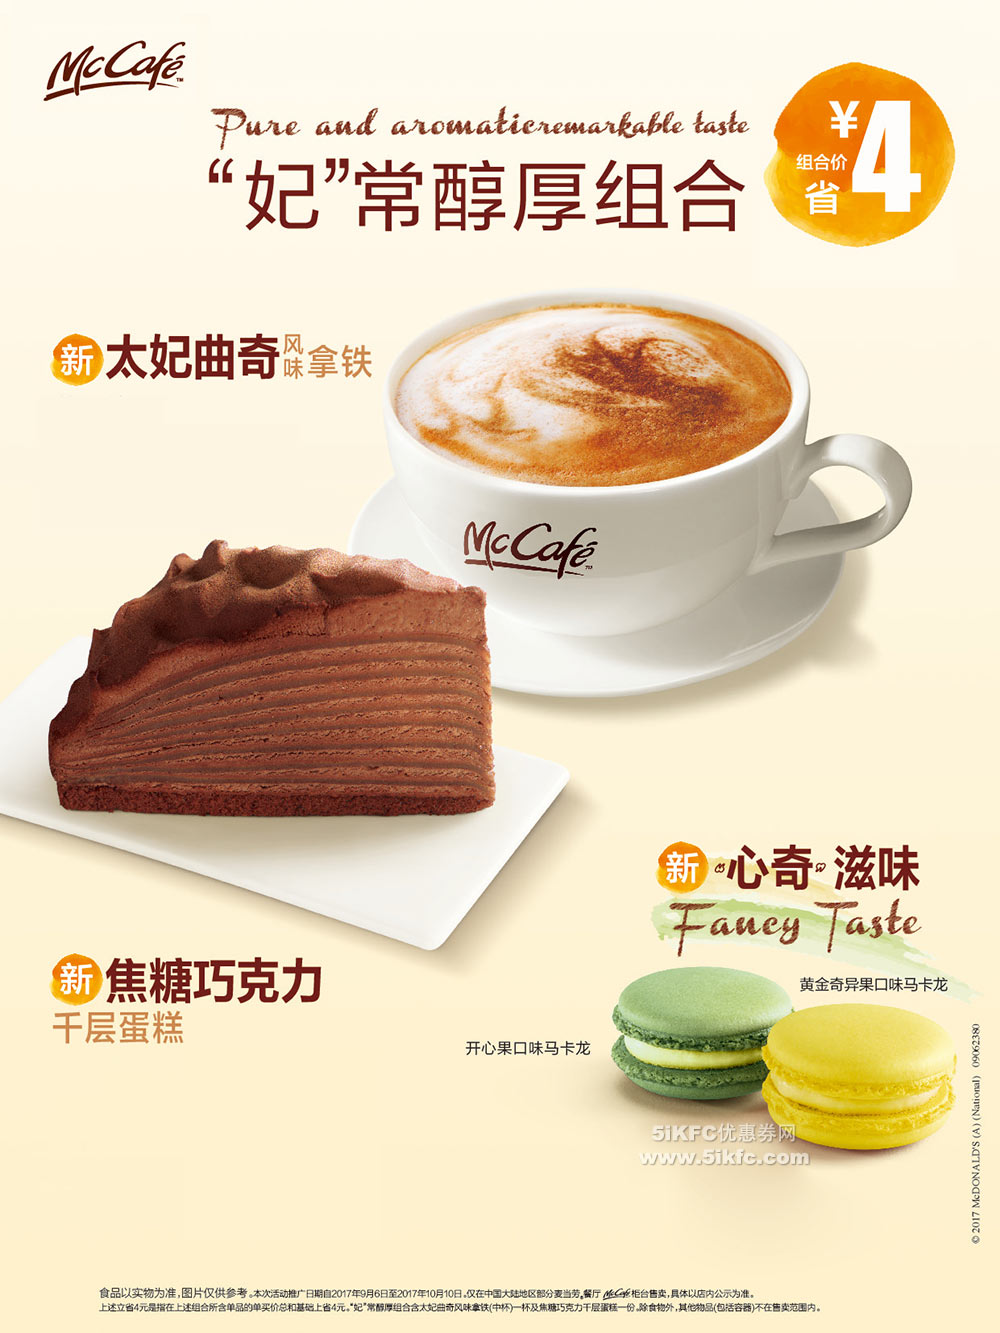 """麦当劳McCafe新太妃曲奇拿铁""""妃""""常醇厚组合省4元"""